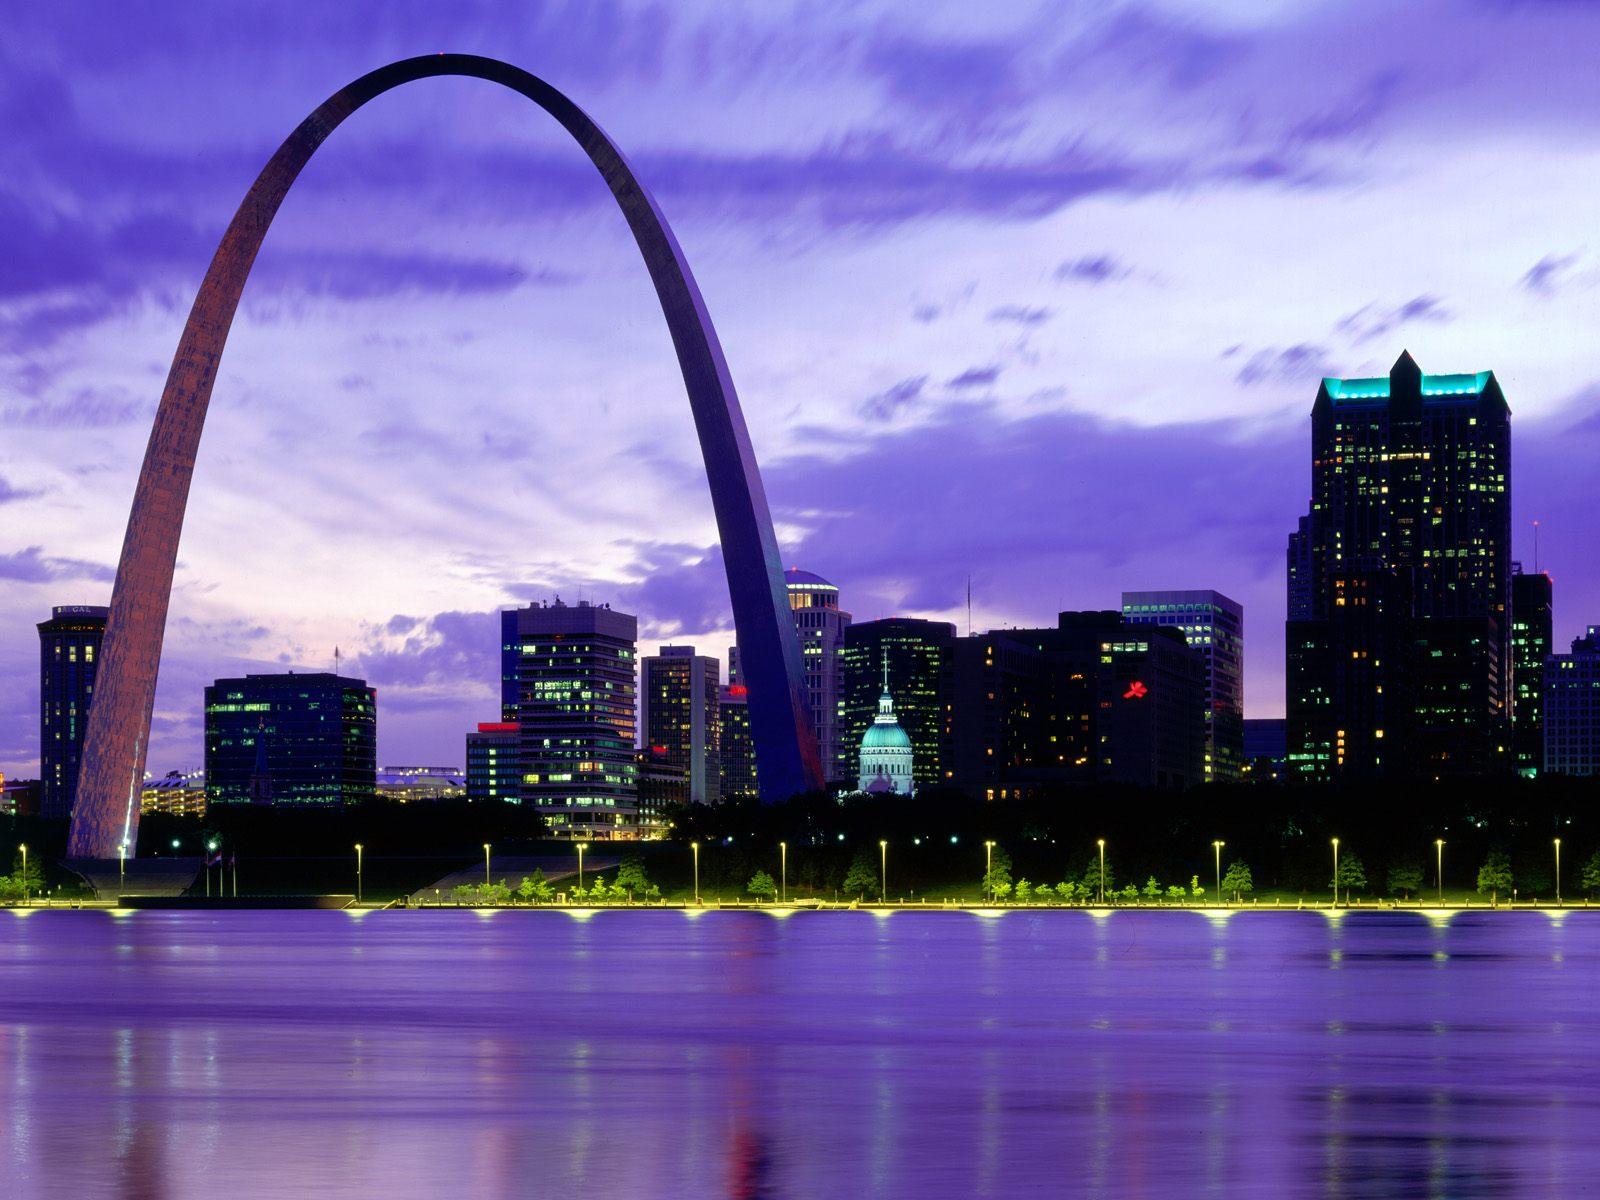 http://1.bp.blogspot.com/-CuO73eBV9NY/SVPVQW0WS-I/AAAAAAAAAF8/x8-MS7kxL2A/s1600/Gateway+Arch%252C+St.+Louis%252C+Missouri.jpg